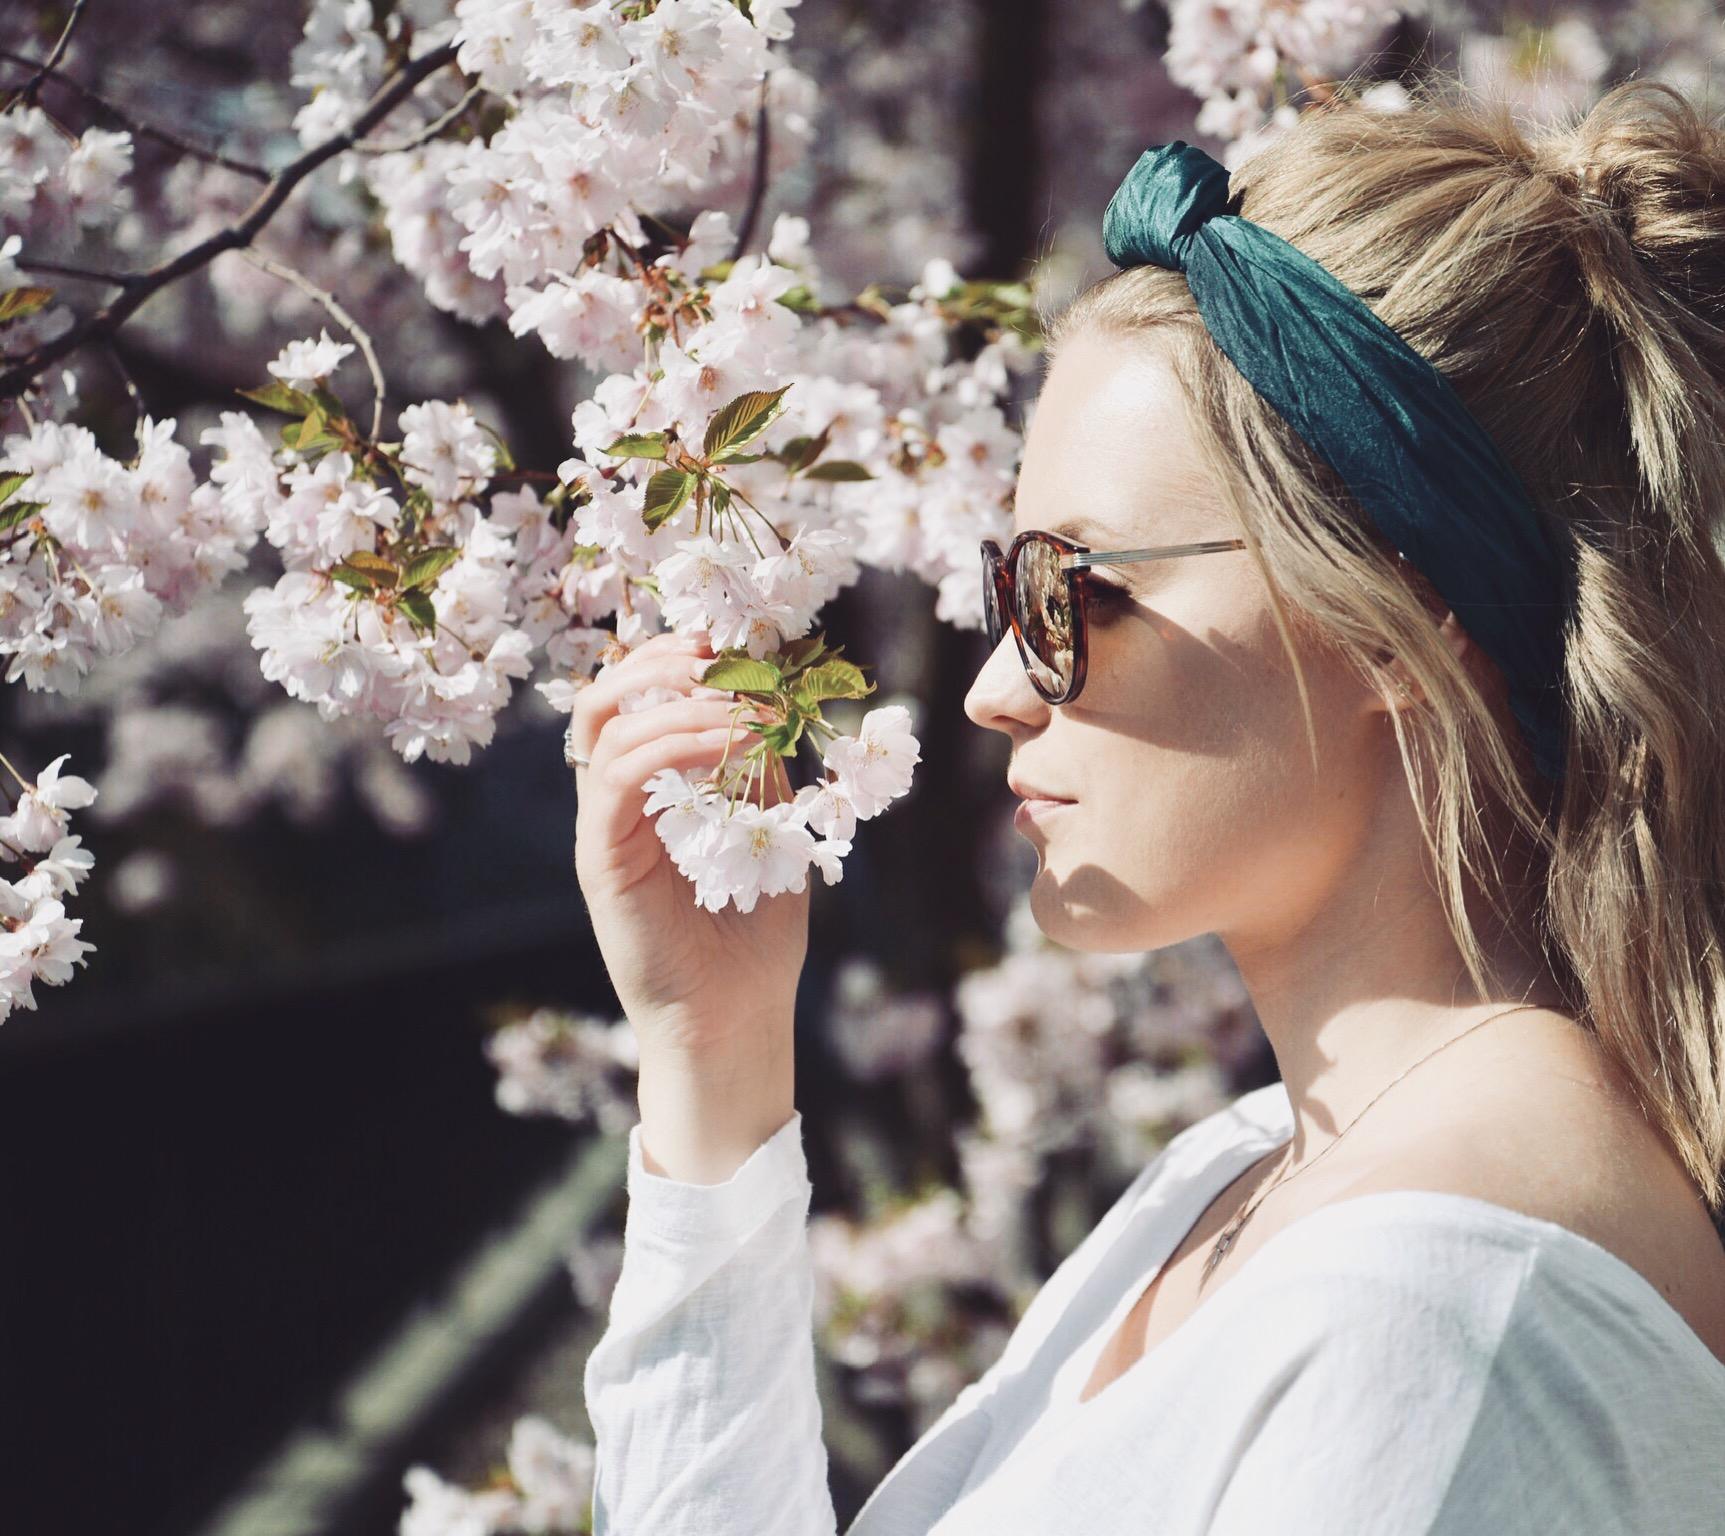 Somrig, liten sidensjal i färgen Jade (turkos, blå, grön). Fin att trä i håret!